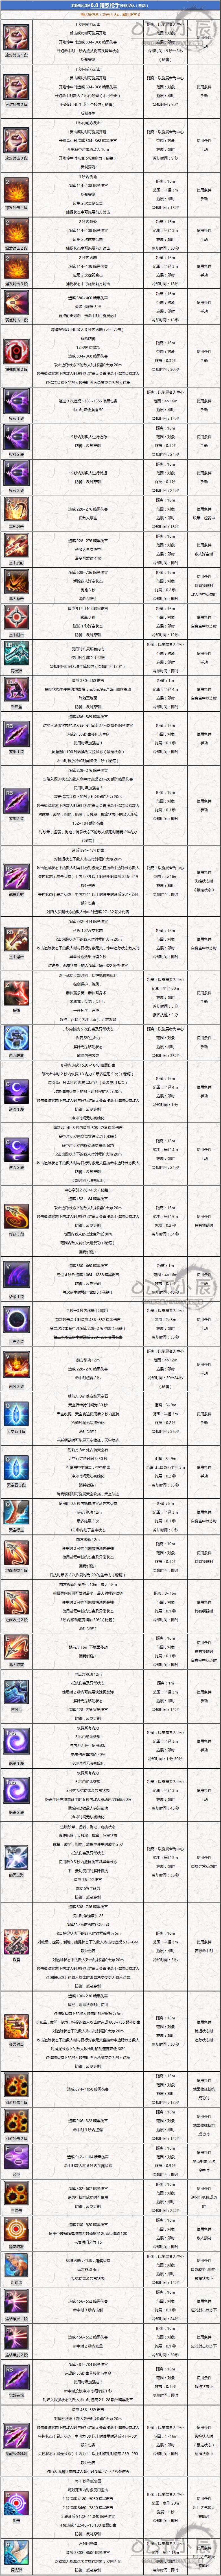 韩测6.8【暗系】枪手技能汉化(调整).png